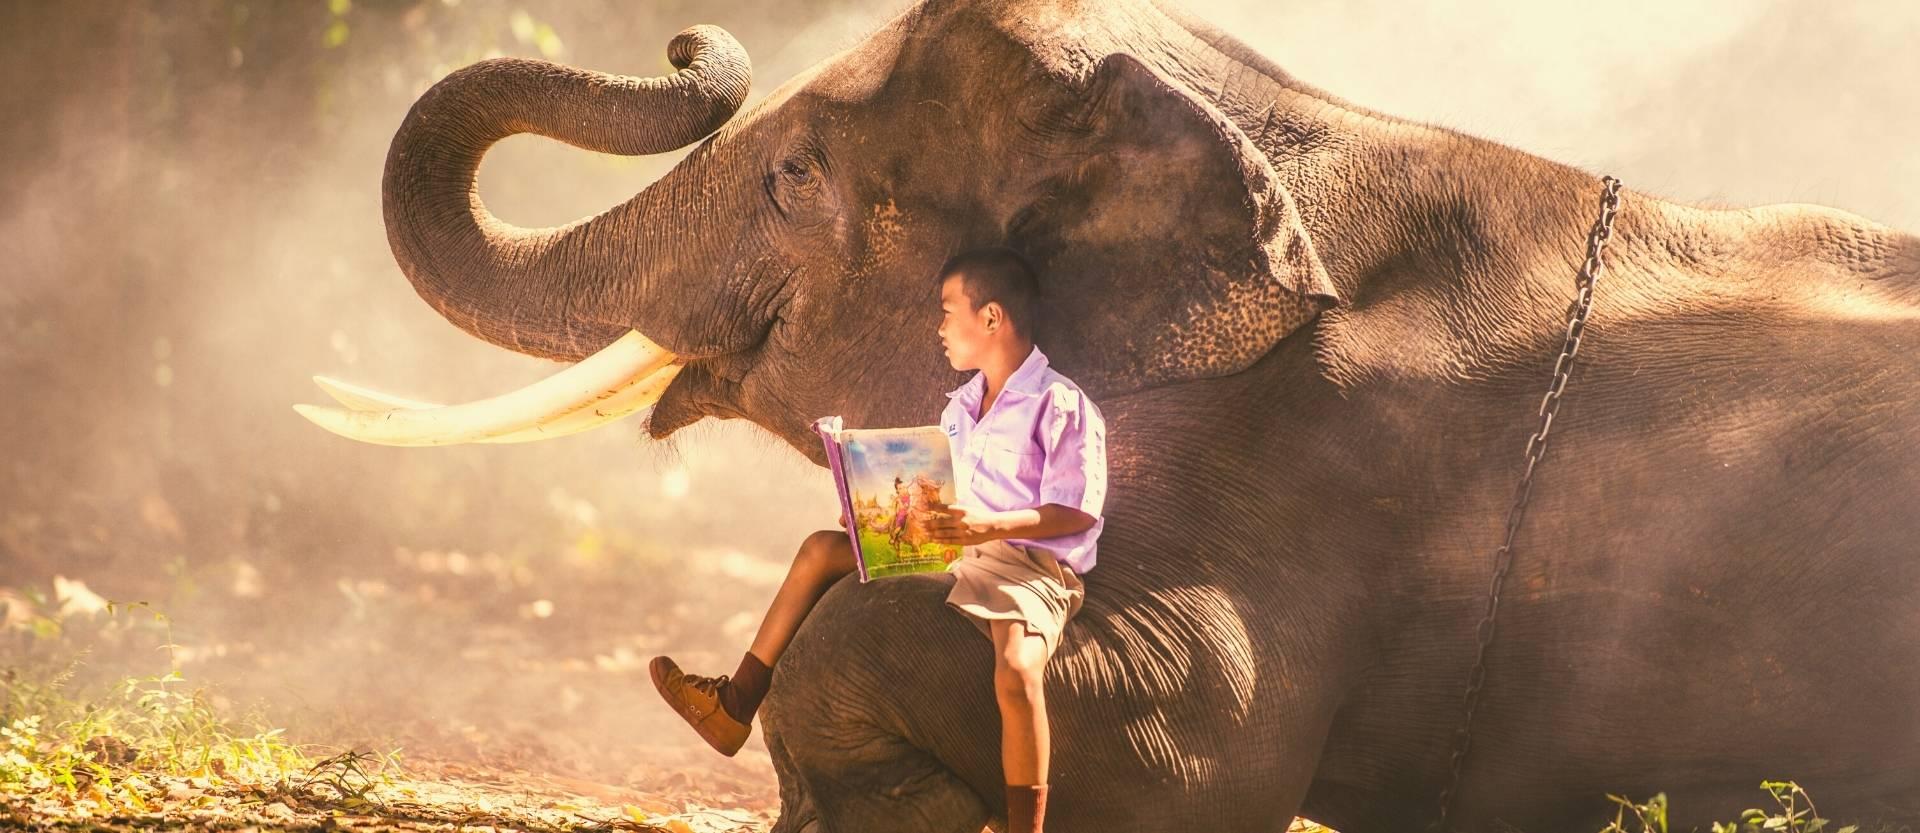 Tajomstvo života, ktoré ukrýva Kniha džunglí